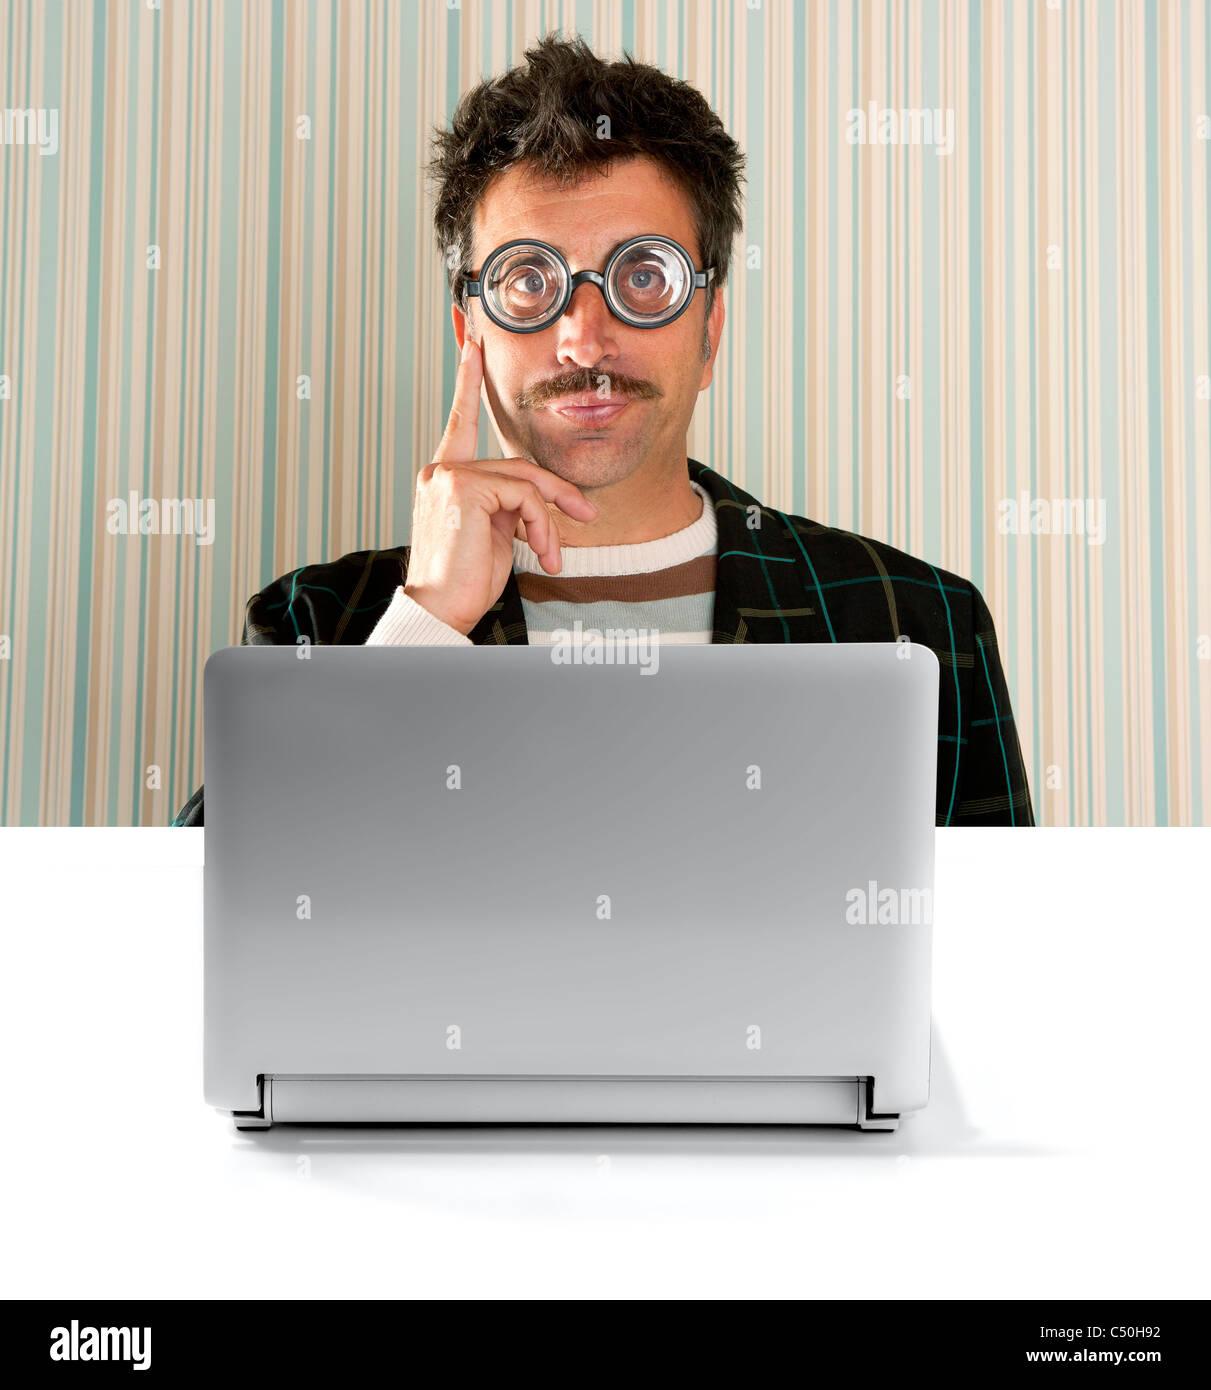 Nerd santa claus avec des lunettes de myope et expression idiote devant un ordinateur  portable b7162891e5c2